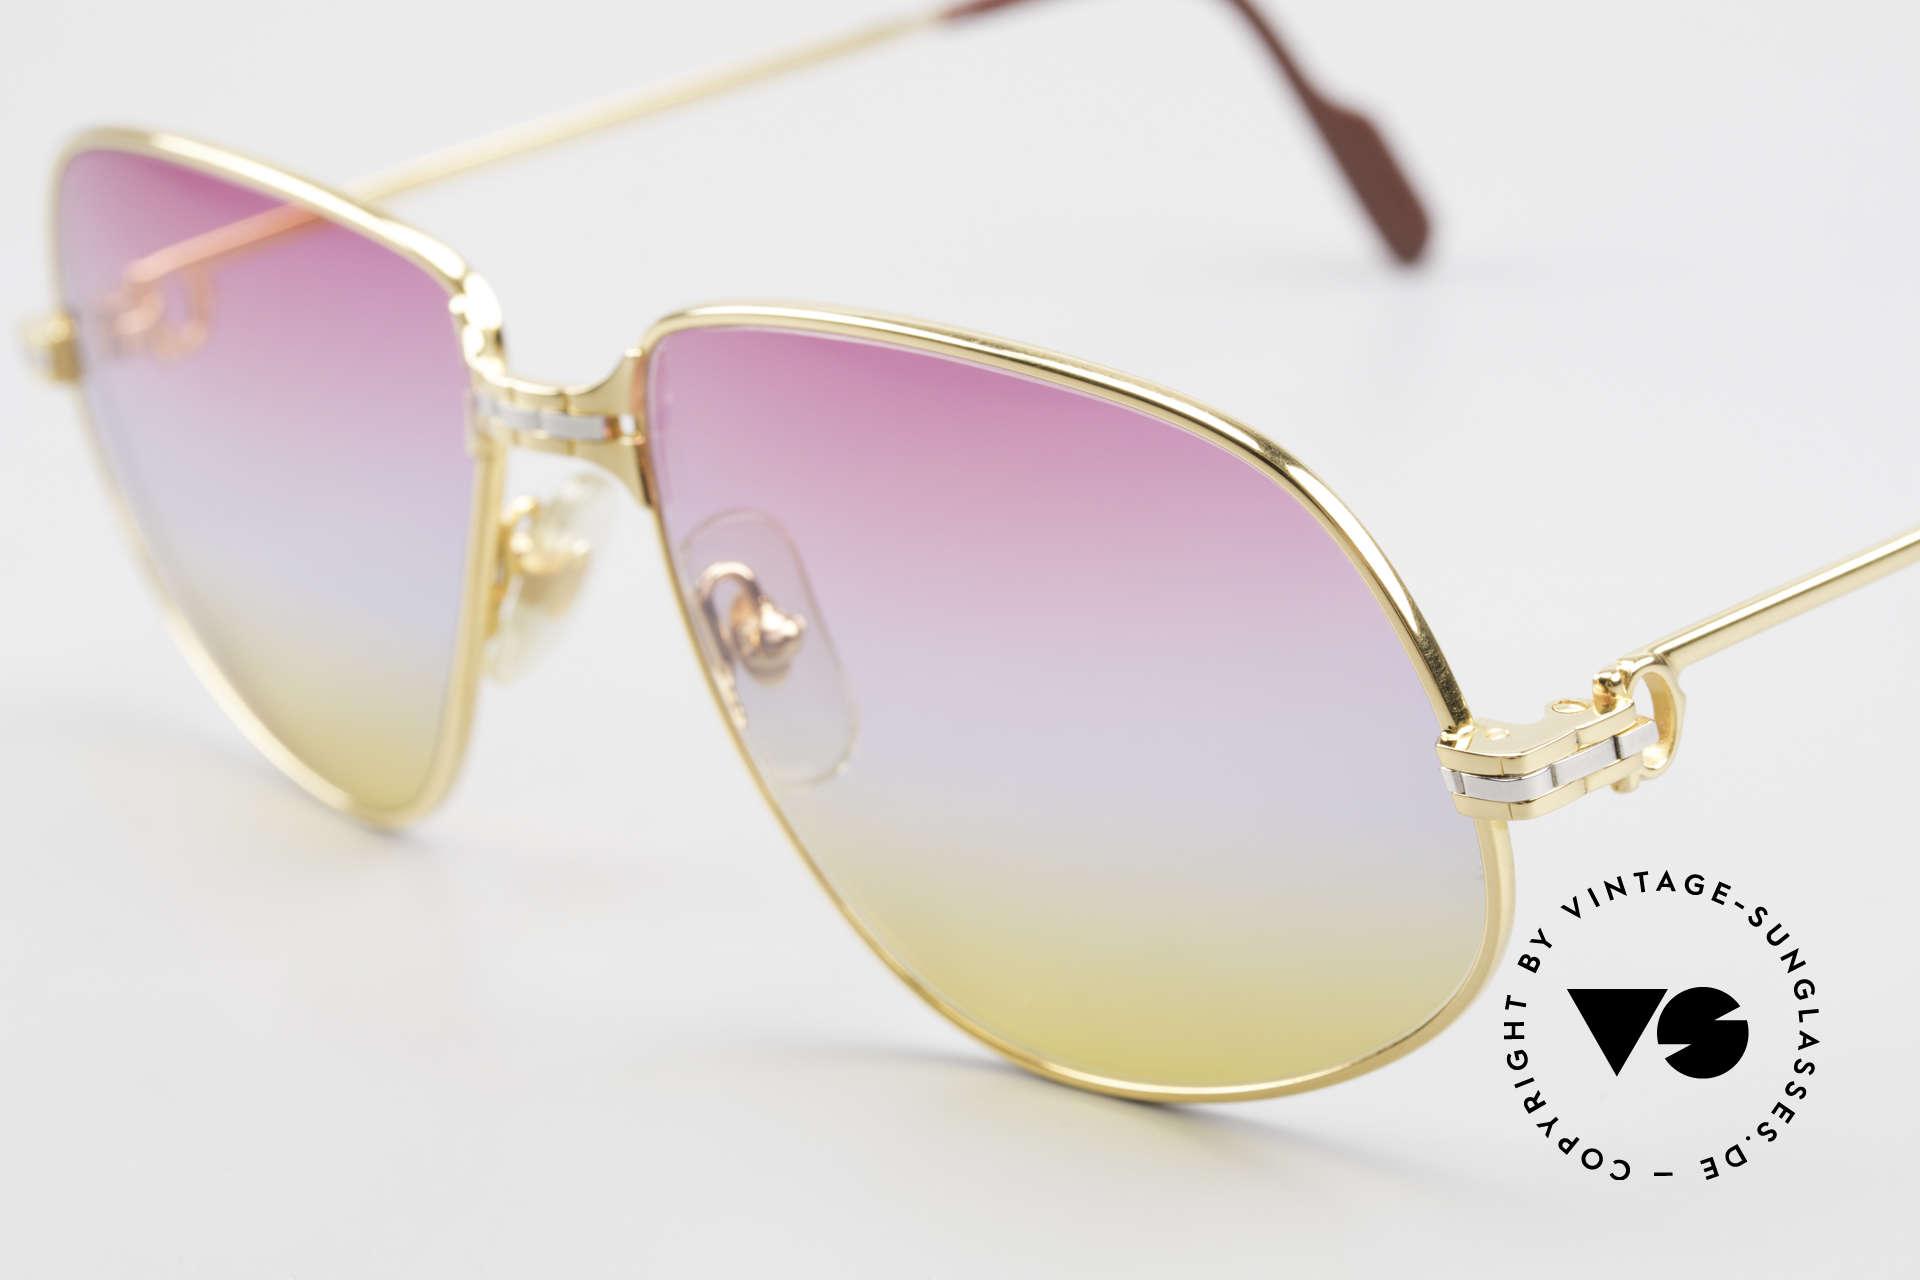 Cartier Panthere G.M. - L Sunrise Gläser Mit Bvlgari Etui, teure Luxus-Sonnenbrille in LARGE Größe 59-16, 140, Passend für Herren und Damen